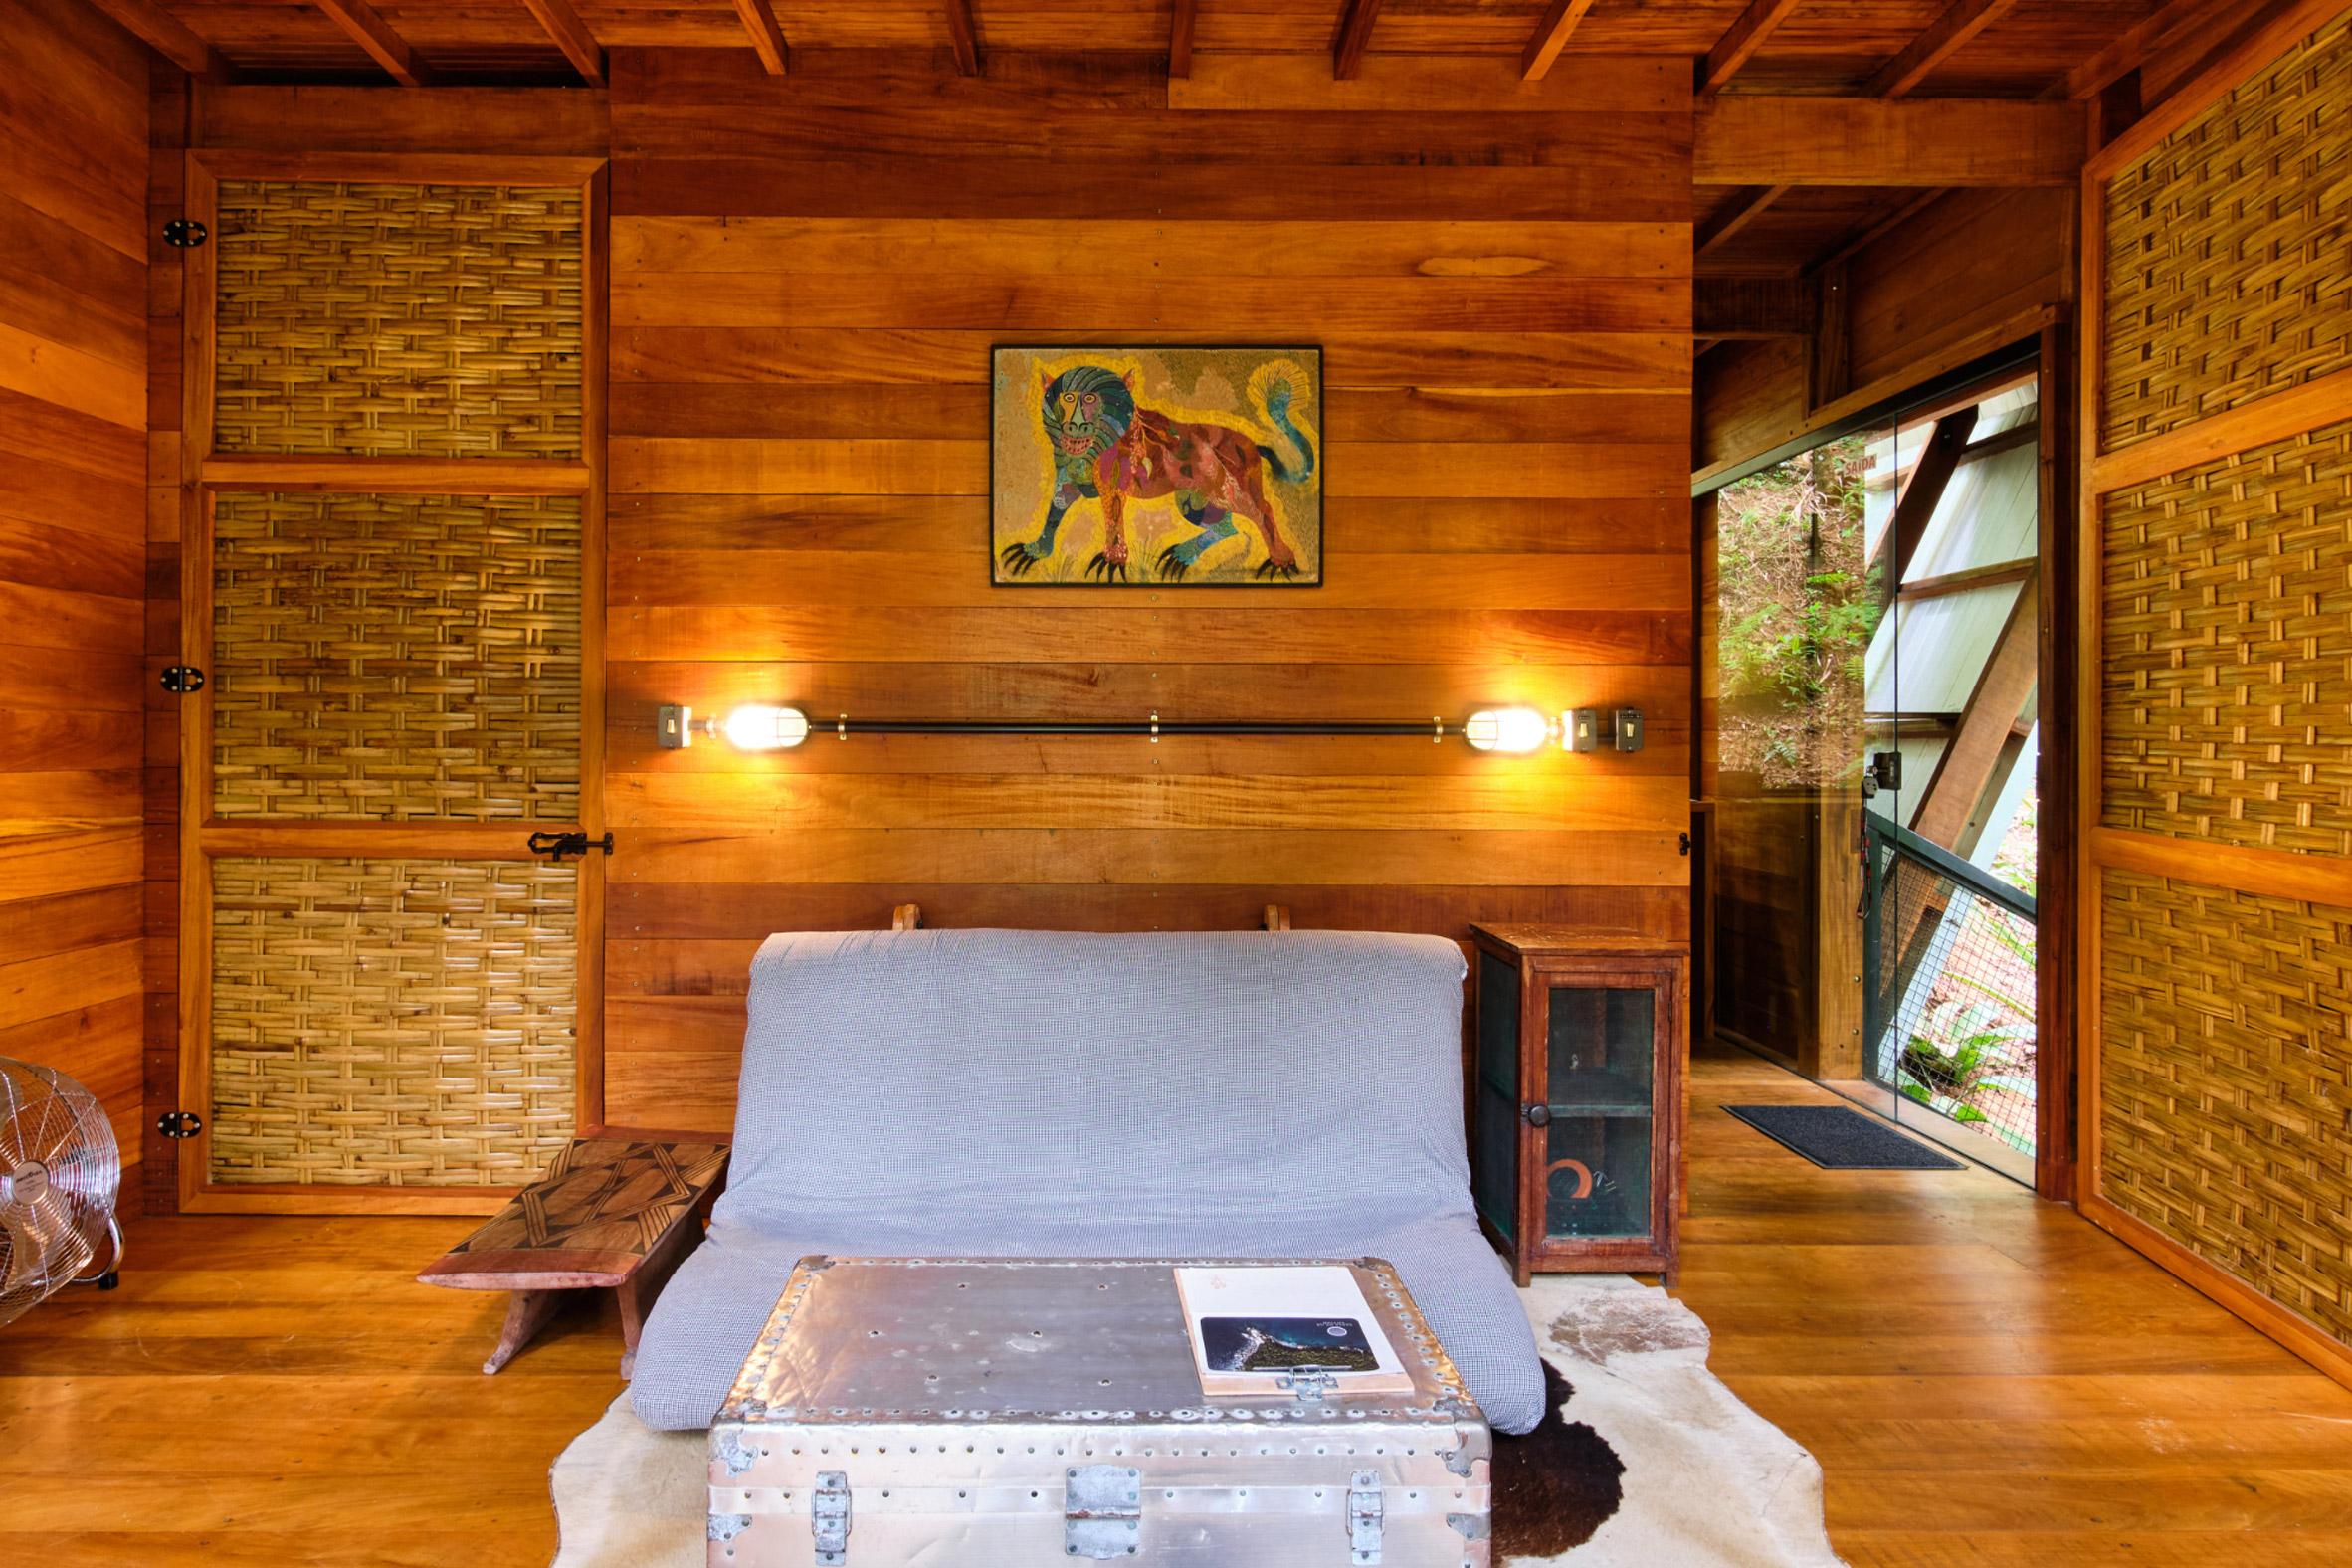 Living room interior of cabin in Brazil